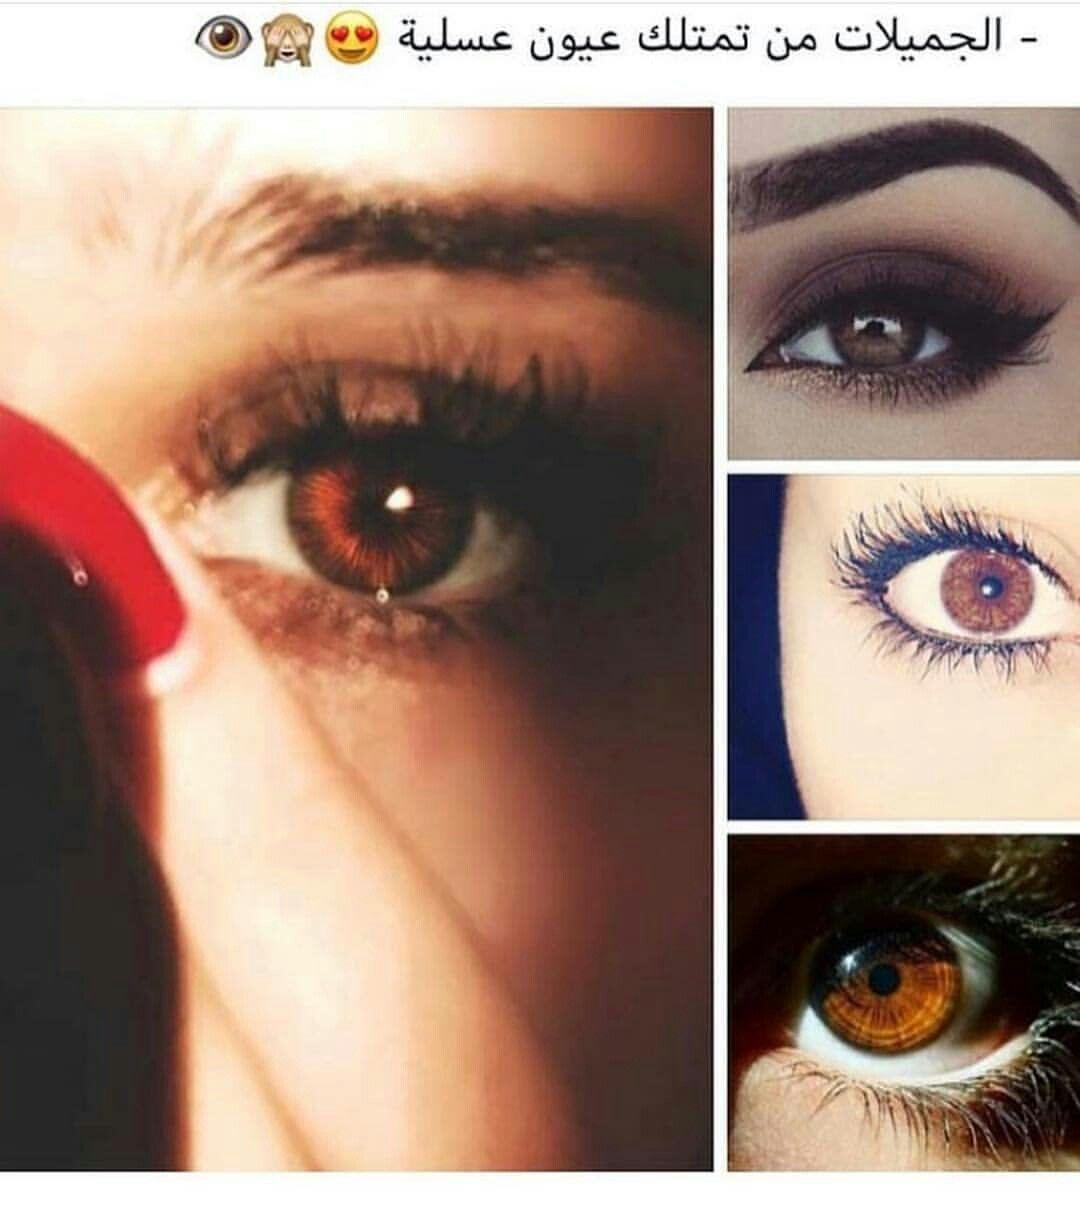 فدوه لعيوني Charming Eyes Phone Wallpaper Images Beautiful Words